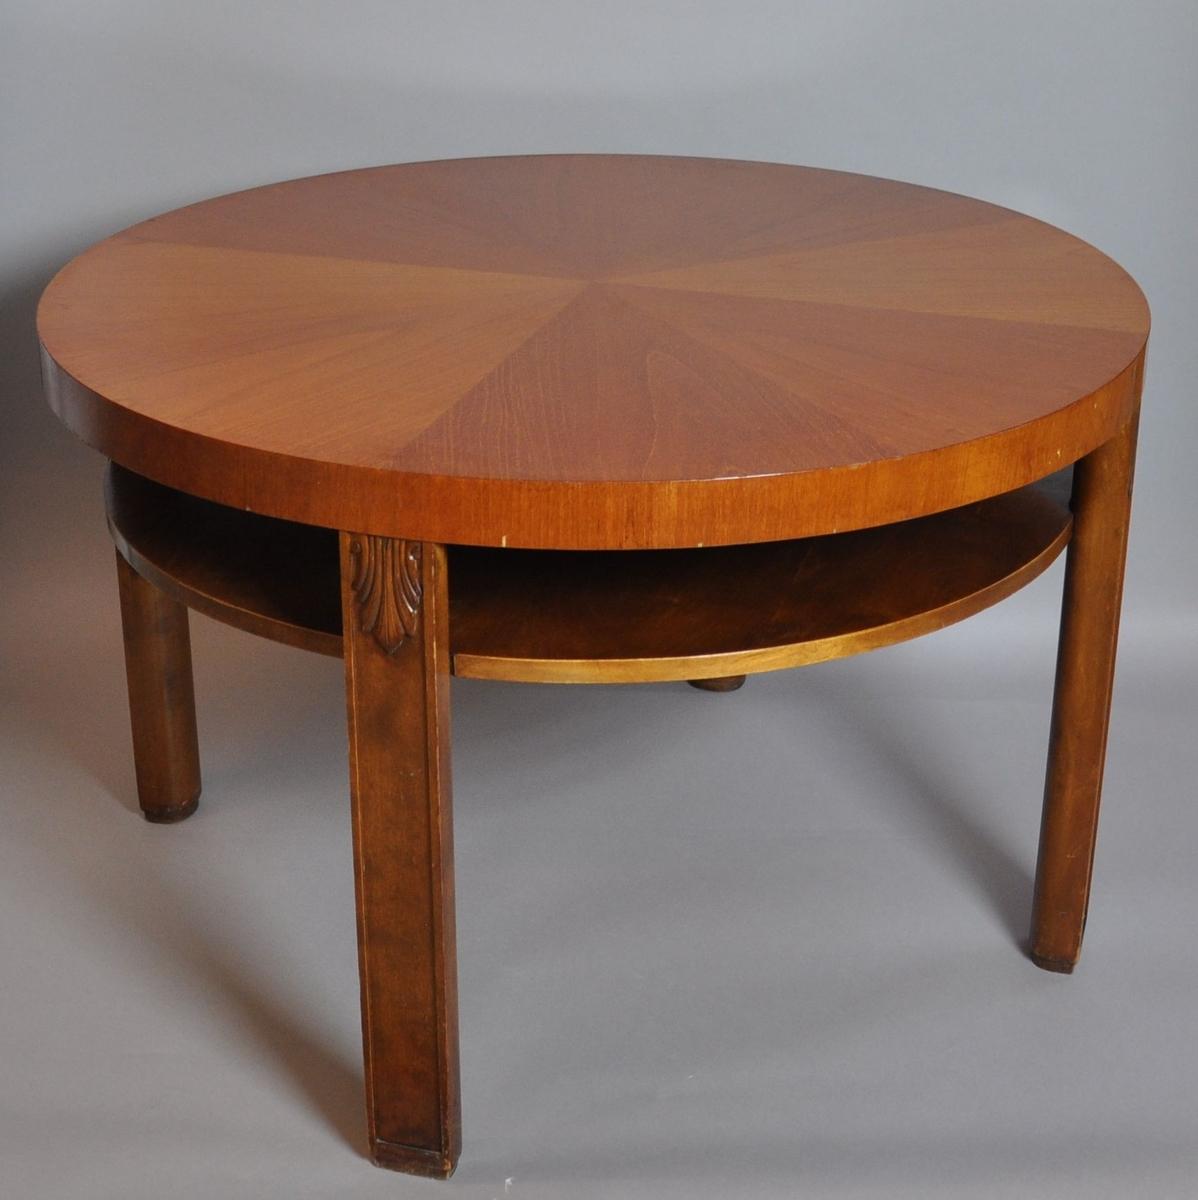 Rundt bord av tre. Bordet står på fire rektangulære bein med treskåret palmett øverst, og dekorativ innfelling i treverket. Det er en rund hylle under bordplaten.